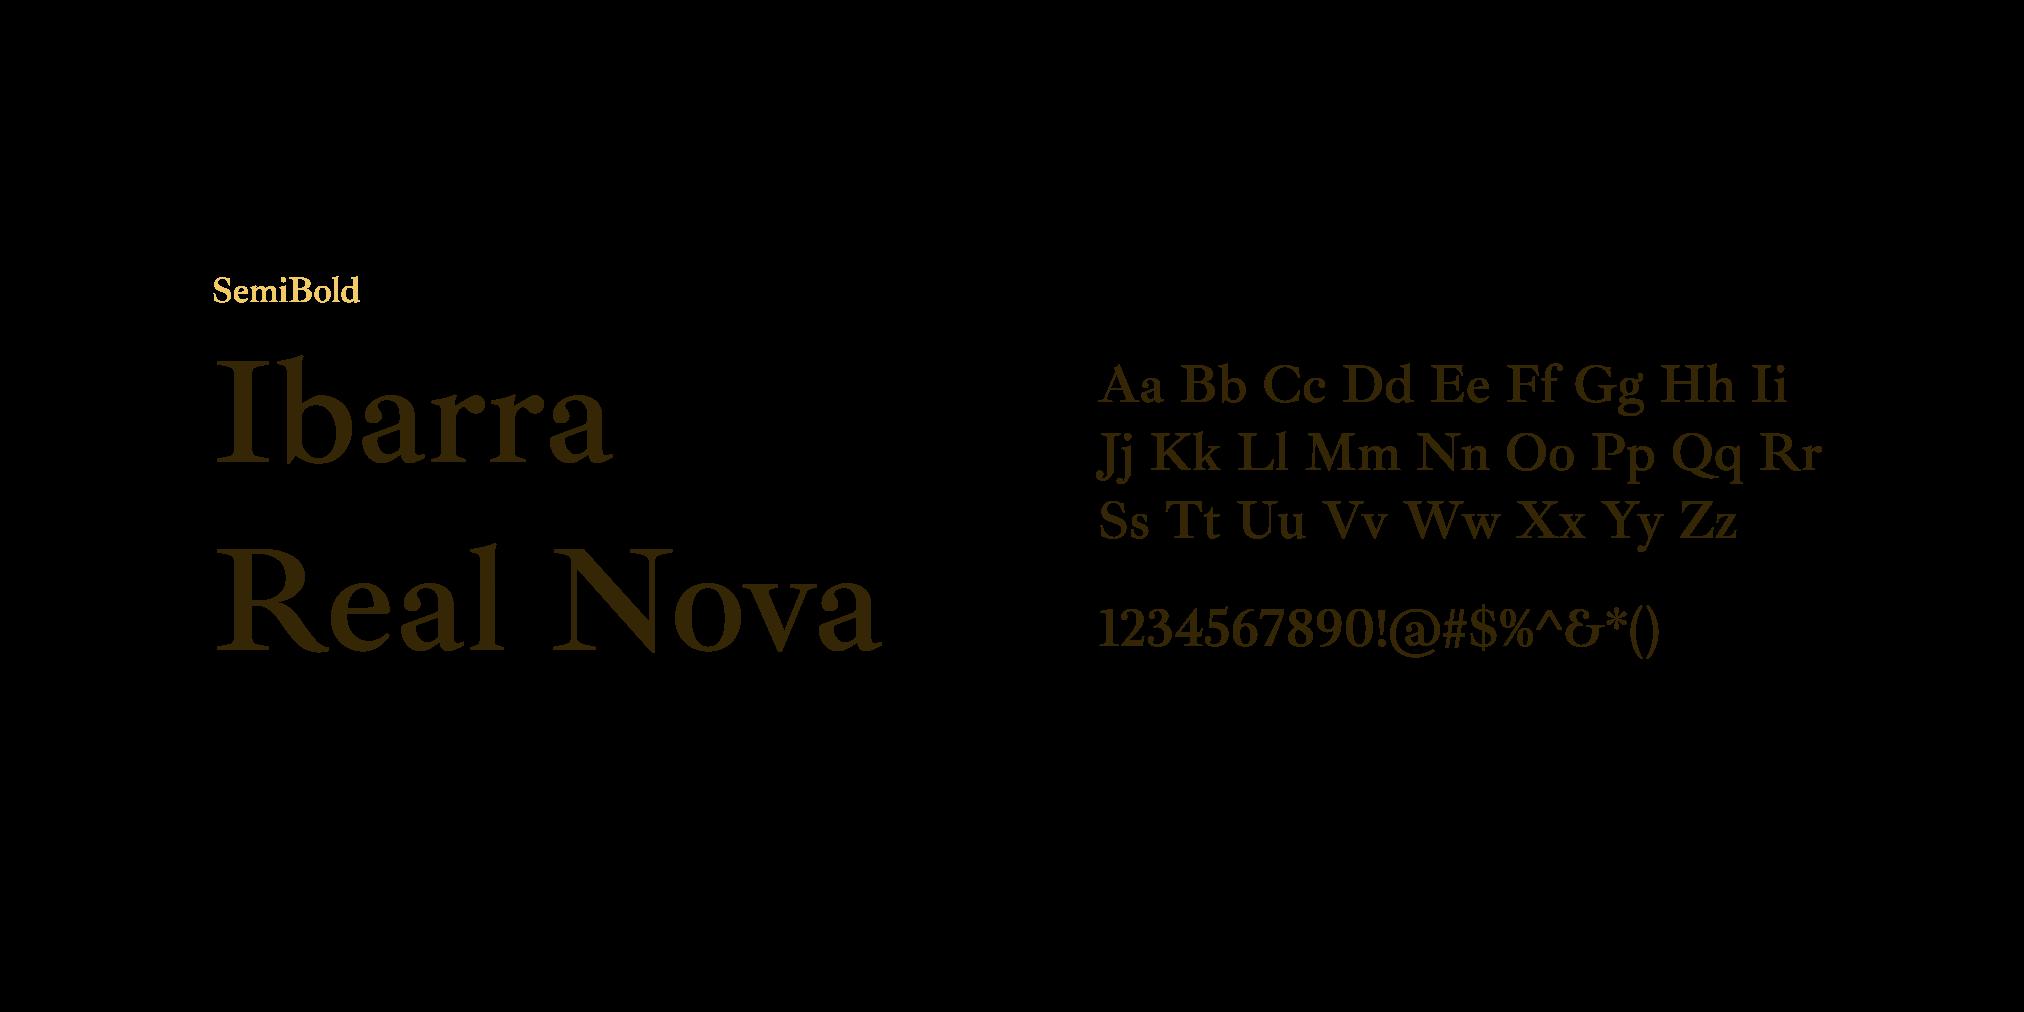 Ibarra Real Nova